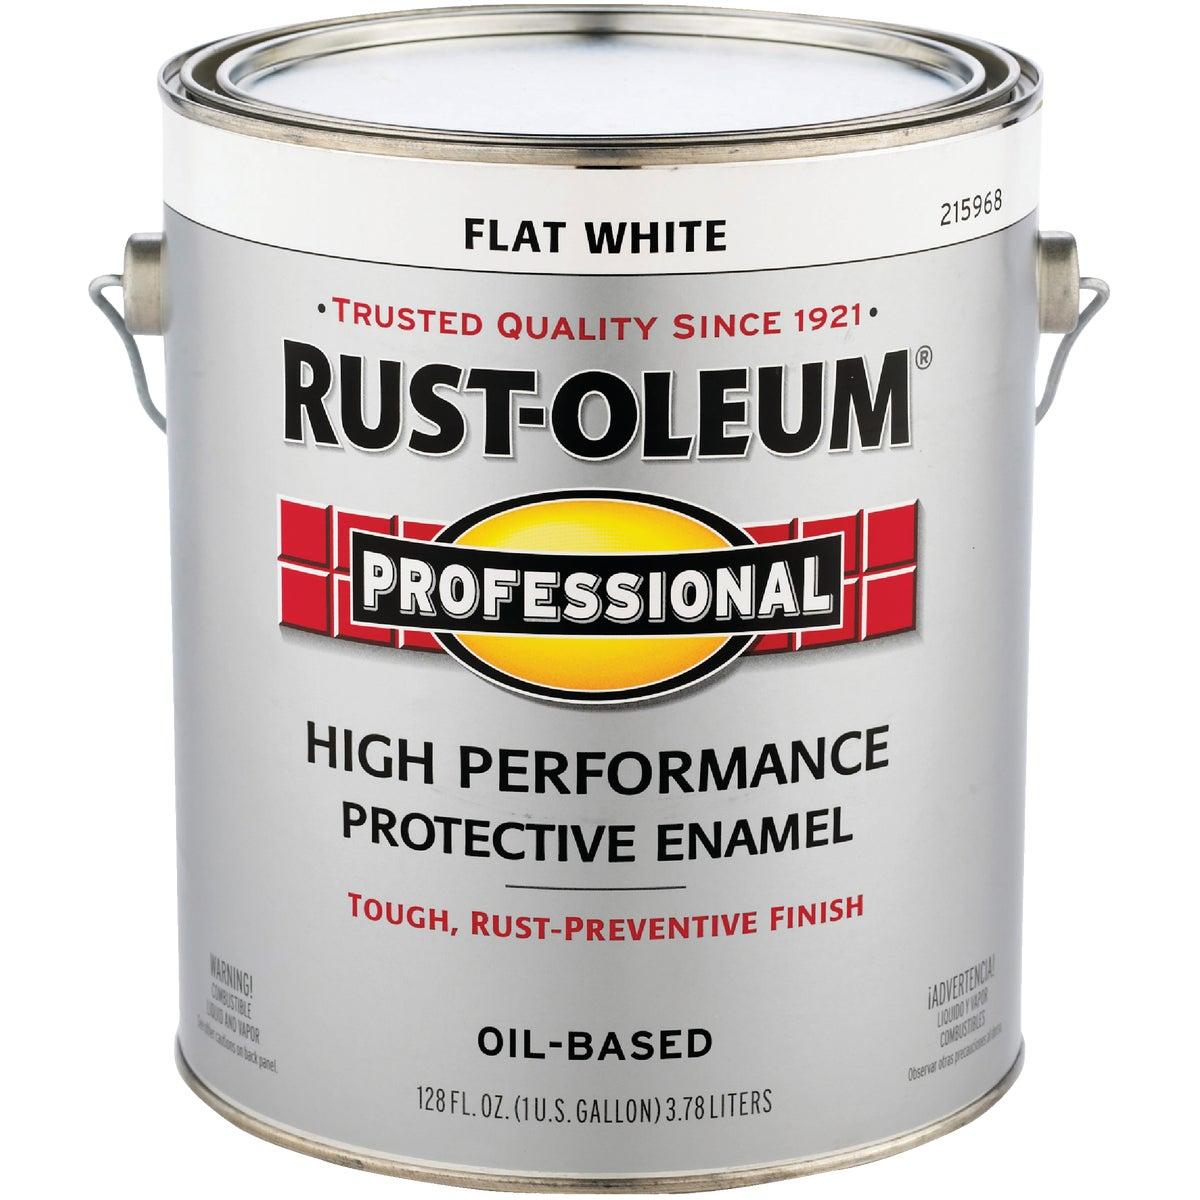 FLAT WHITE ENAMEL - 7790-402 by Rustoleum